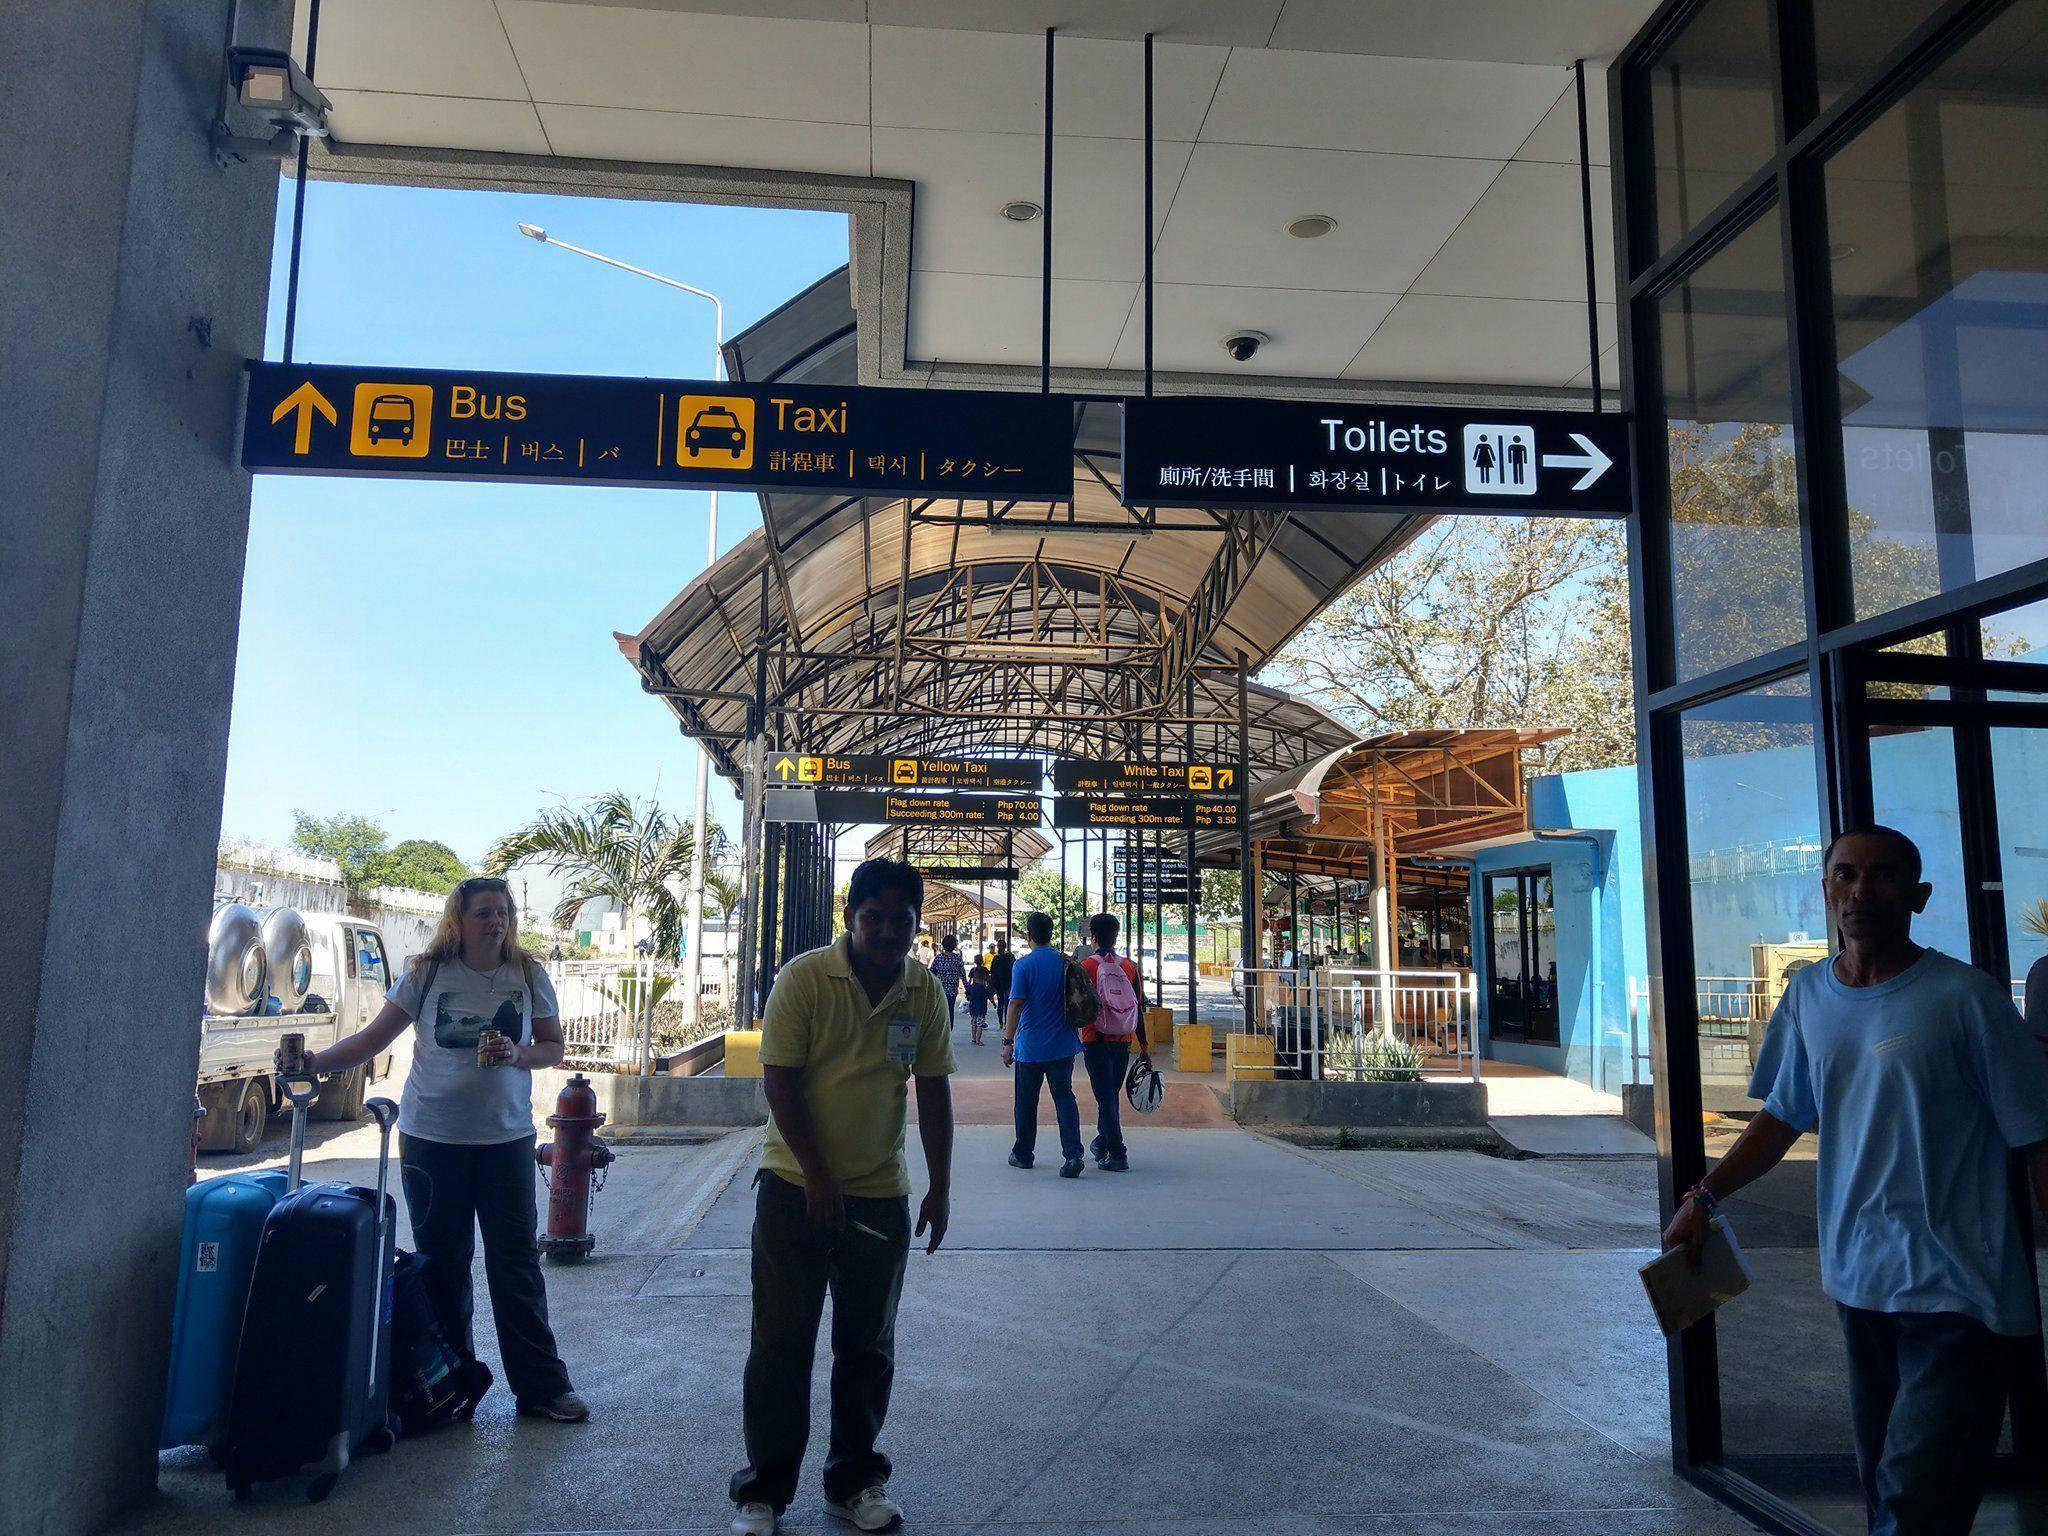 出境後會看到的巴士指示 圖片來源:Vanessa